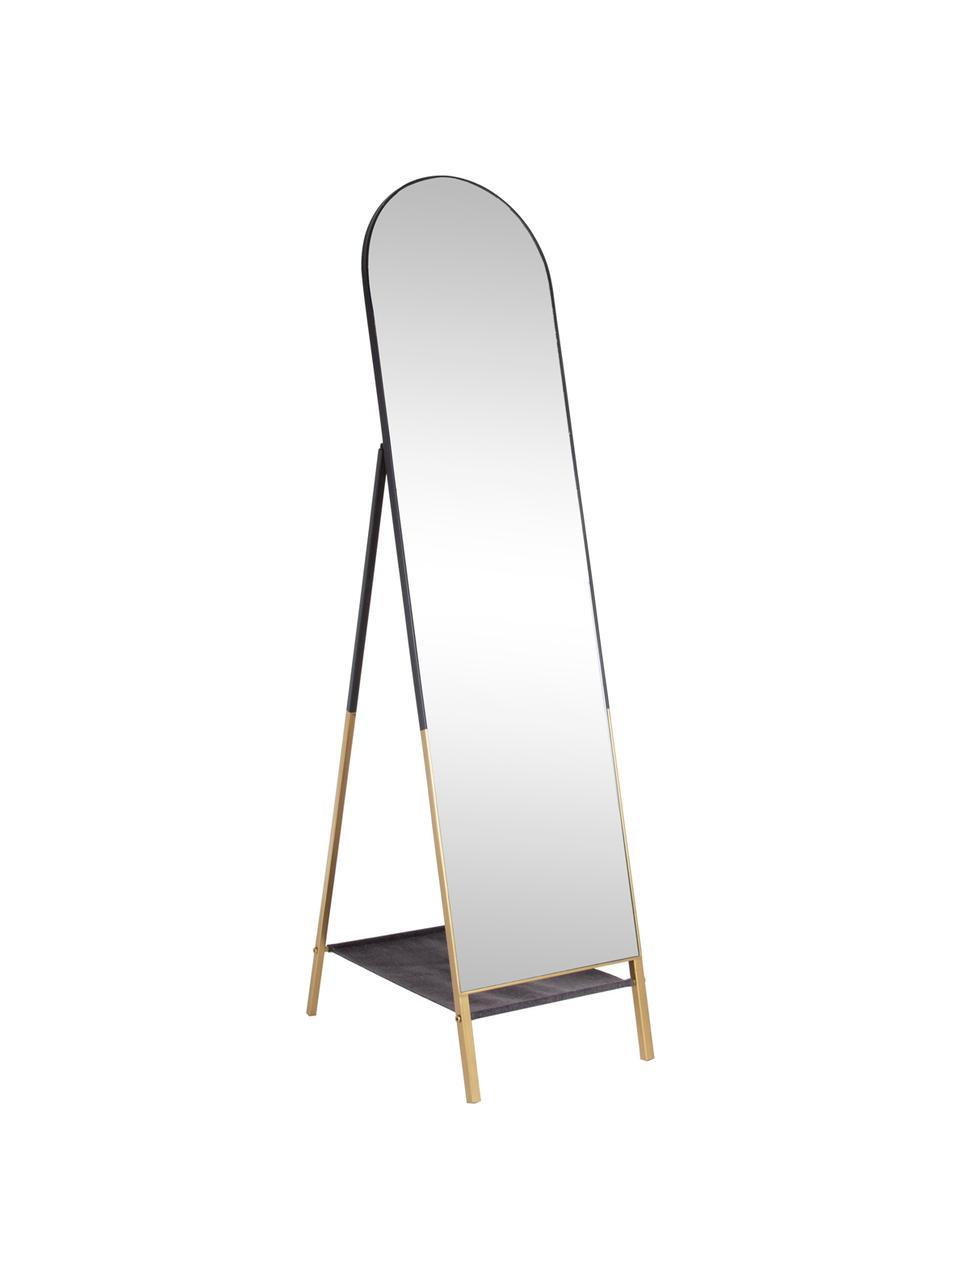 Standspiegel Reflix mit schwarzem Holzrahmen, Rahmen: Metall, beschichtet, Spiegelfläche: Spiegelglas, Schwarz, Goldfarben, 42 x 170 cm